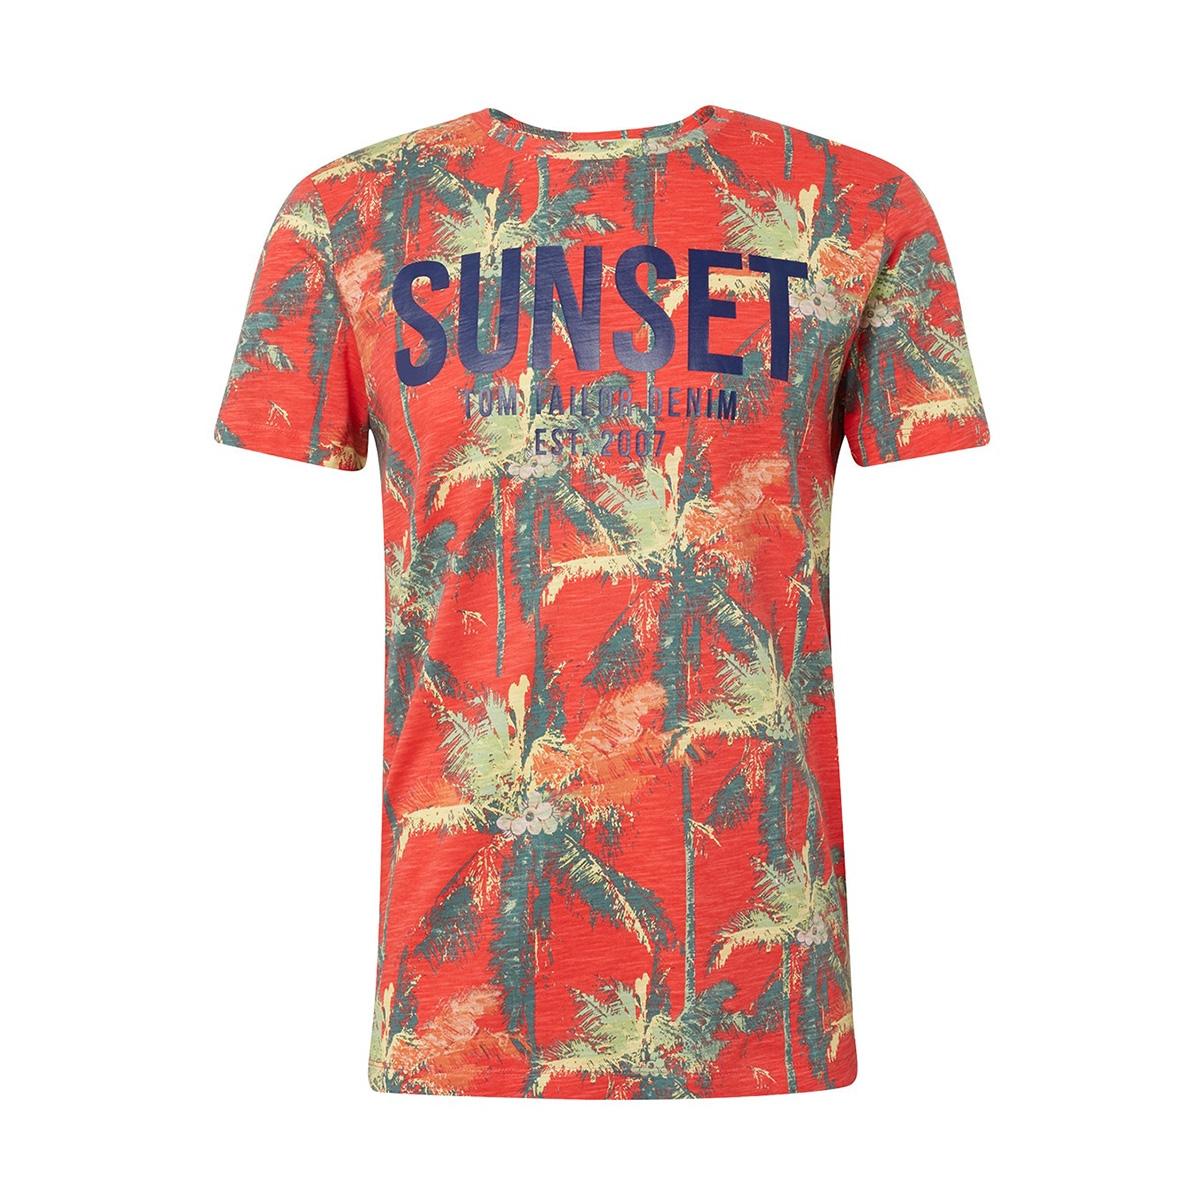 t shirt met bloemenprint 1011372xx12 tom tailor t-shirt 18170